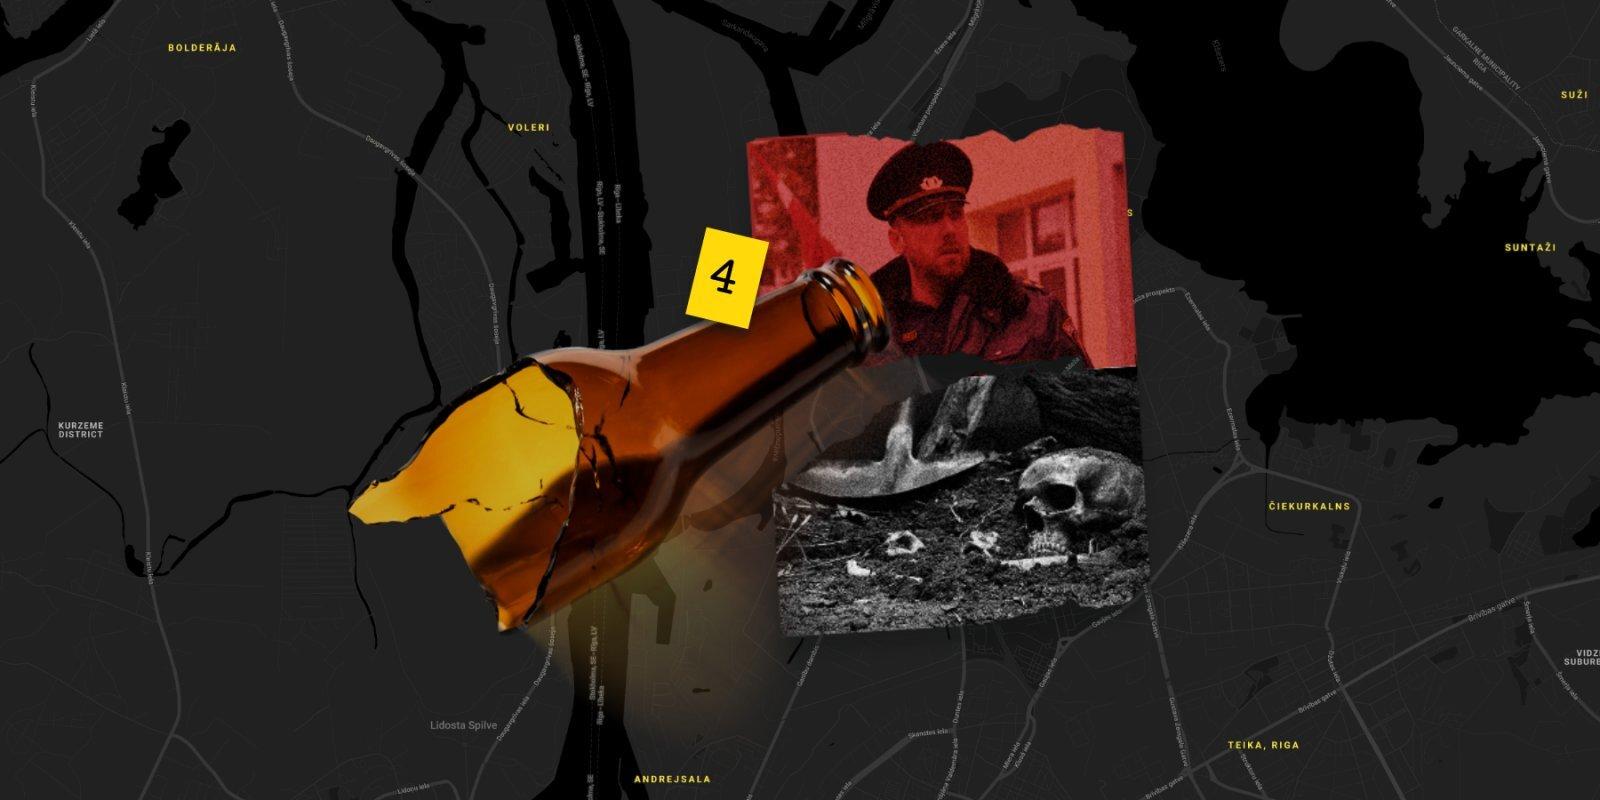 Kapu izlaupītāji un točku filozofija – Sarkandaugavas kriminālā vēsture